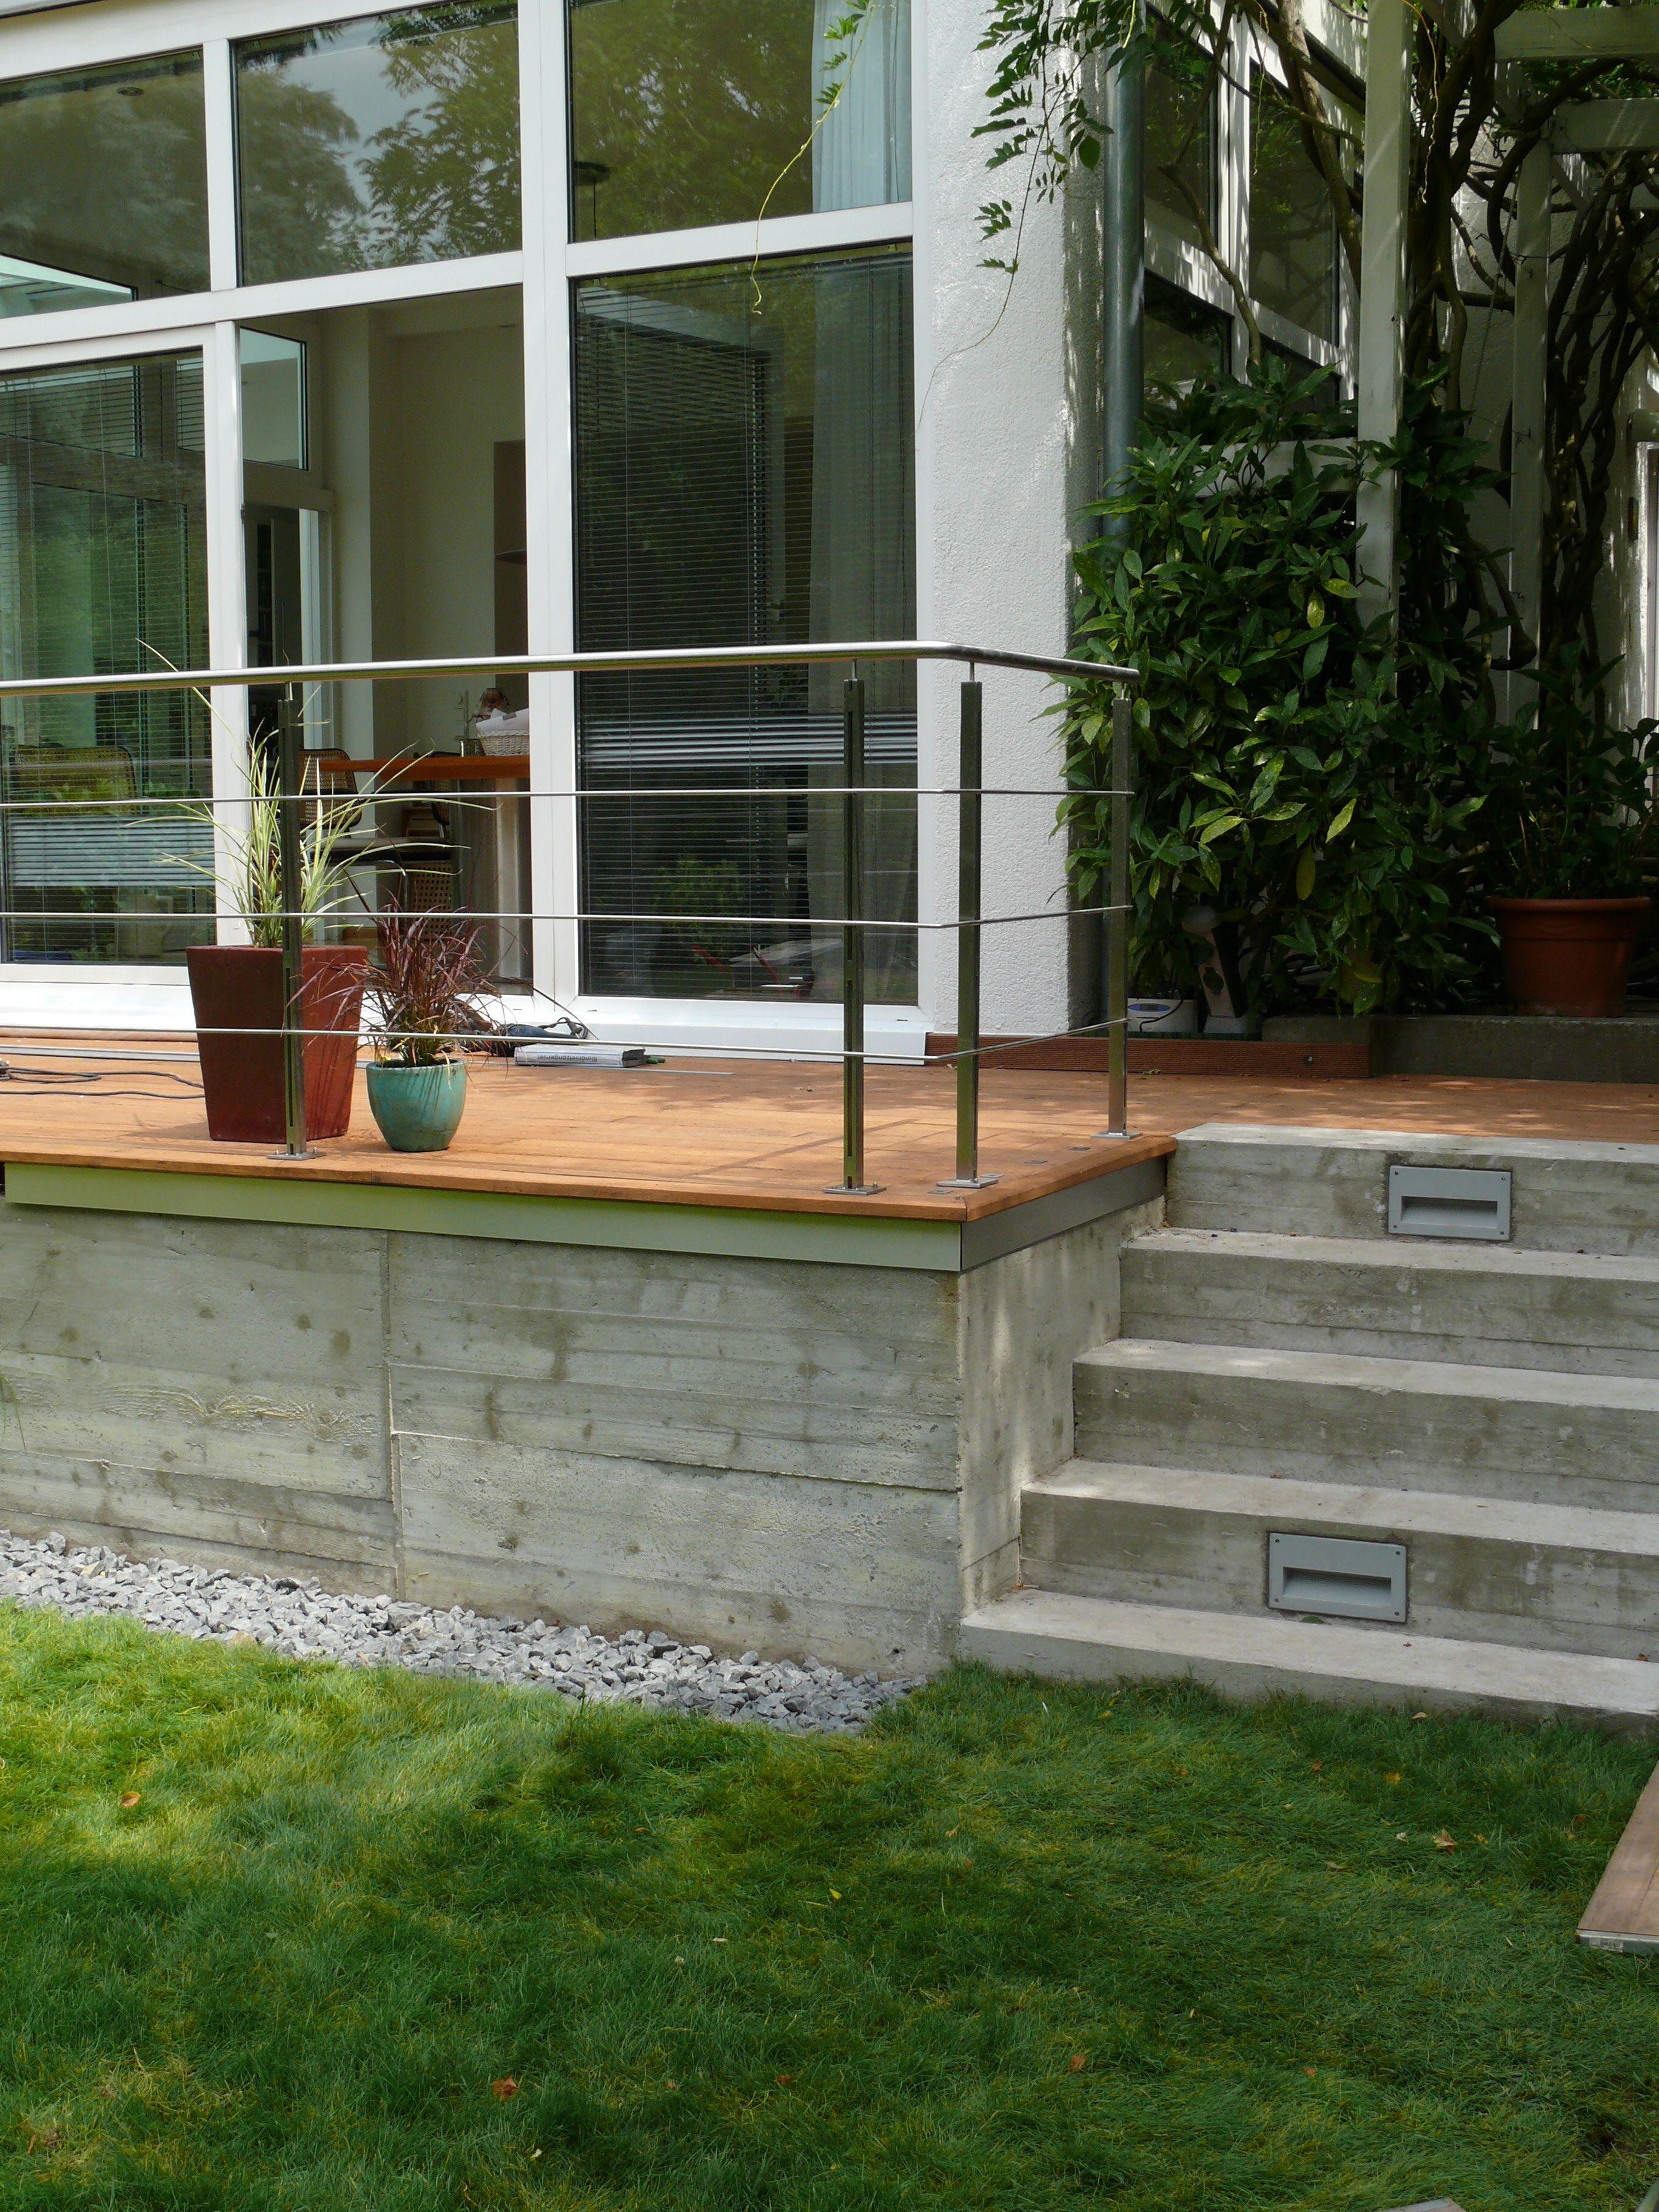 einfamilienhaus berlin terrassenanbau aus beton und eichendielen edelstahlgel nder harryclark. Black Bedroom Furniture Sets. Home Design Ideas